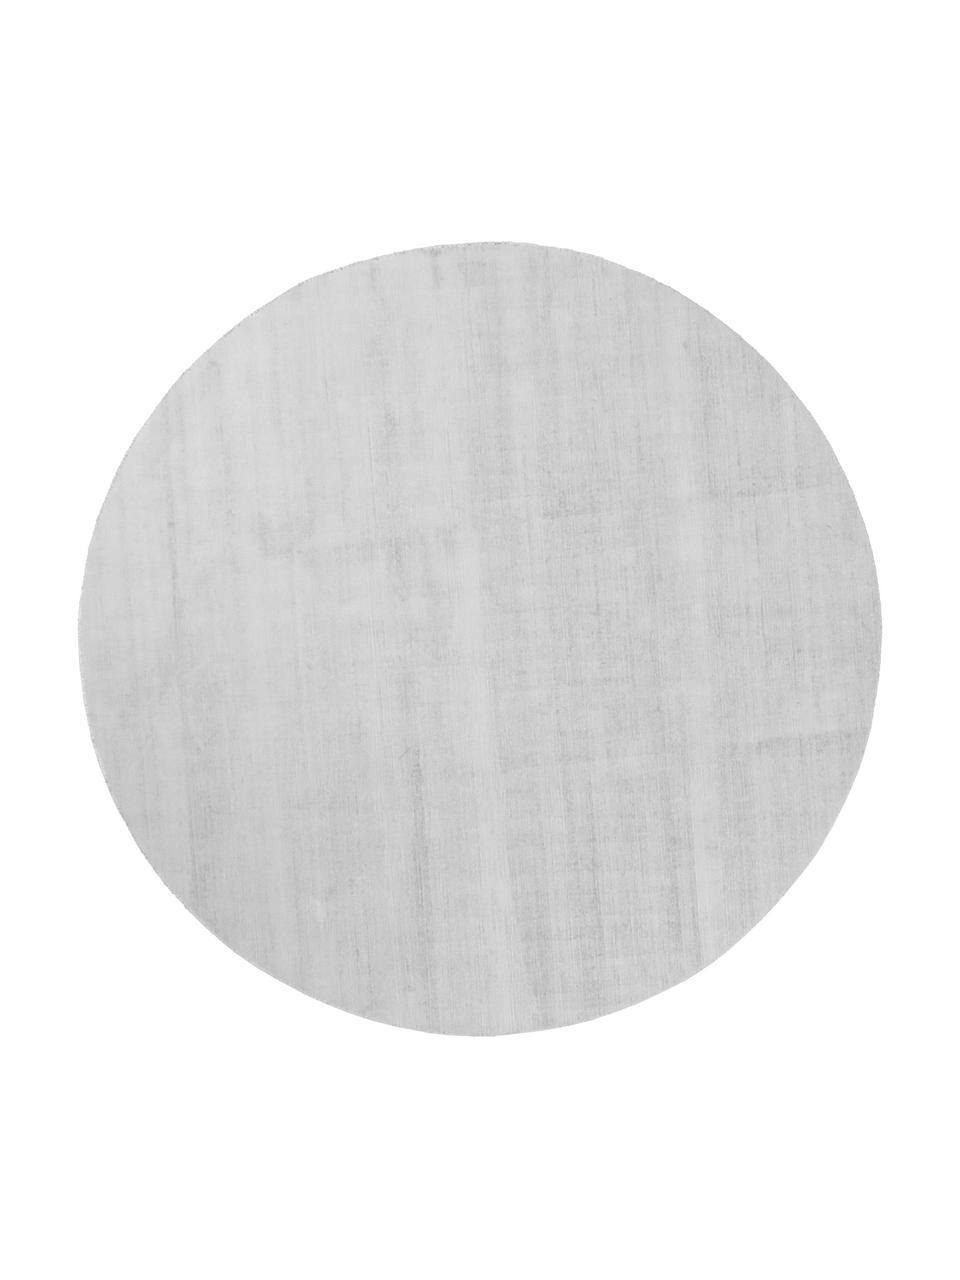 Okrągły ręcznie tkany dywan z wiskozy Jane, Srebrnoszary, Ø 250 cm (Rozmiar XL)